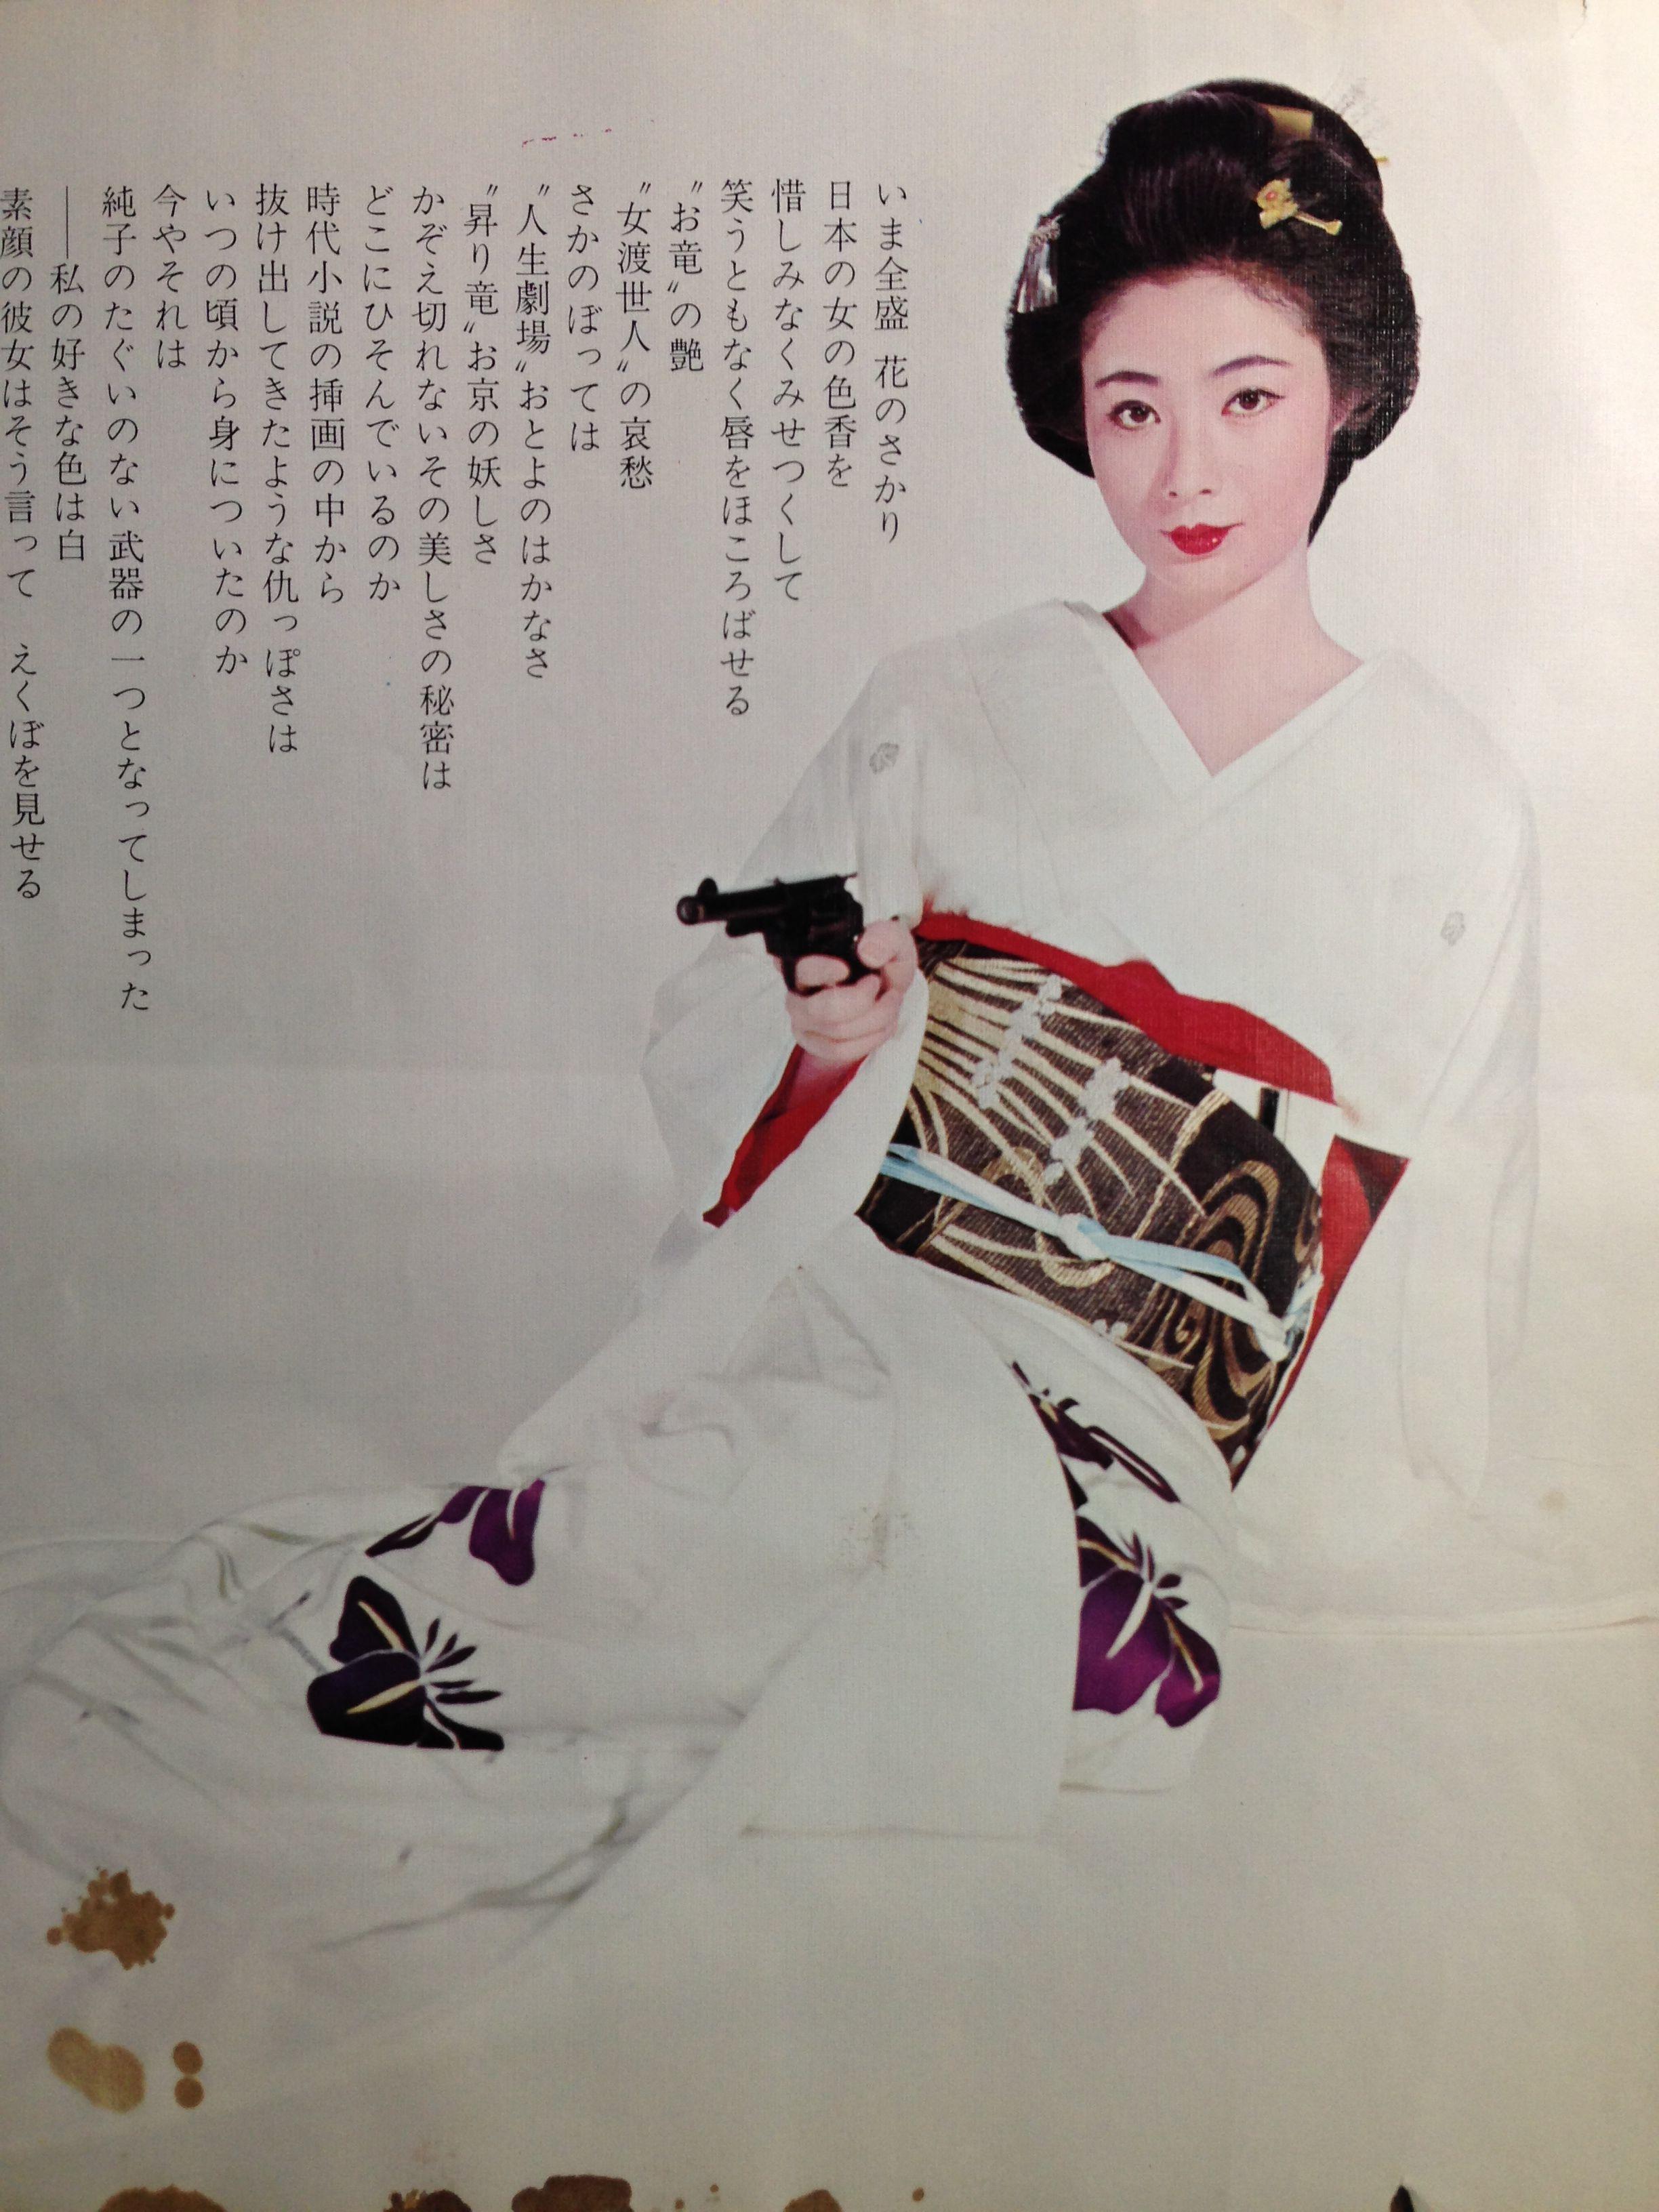 四条秀子 - JapaneseClass.jp